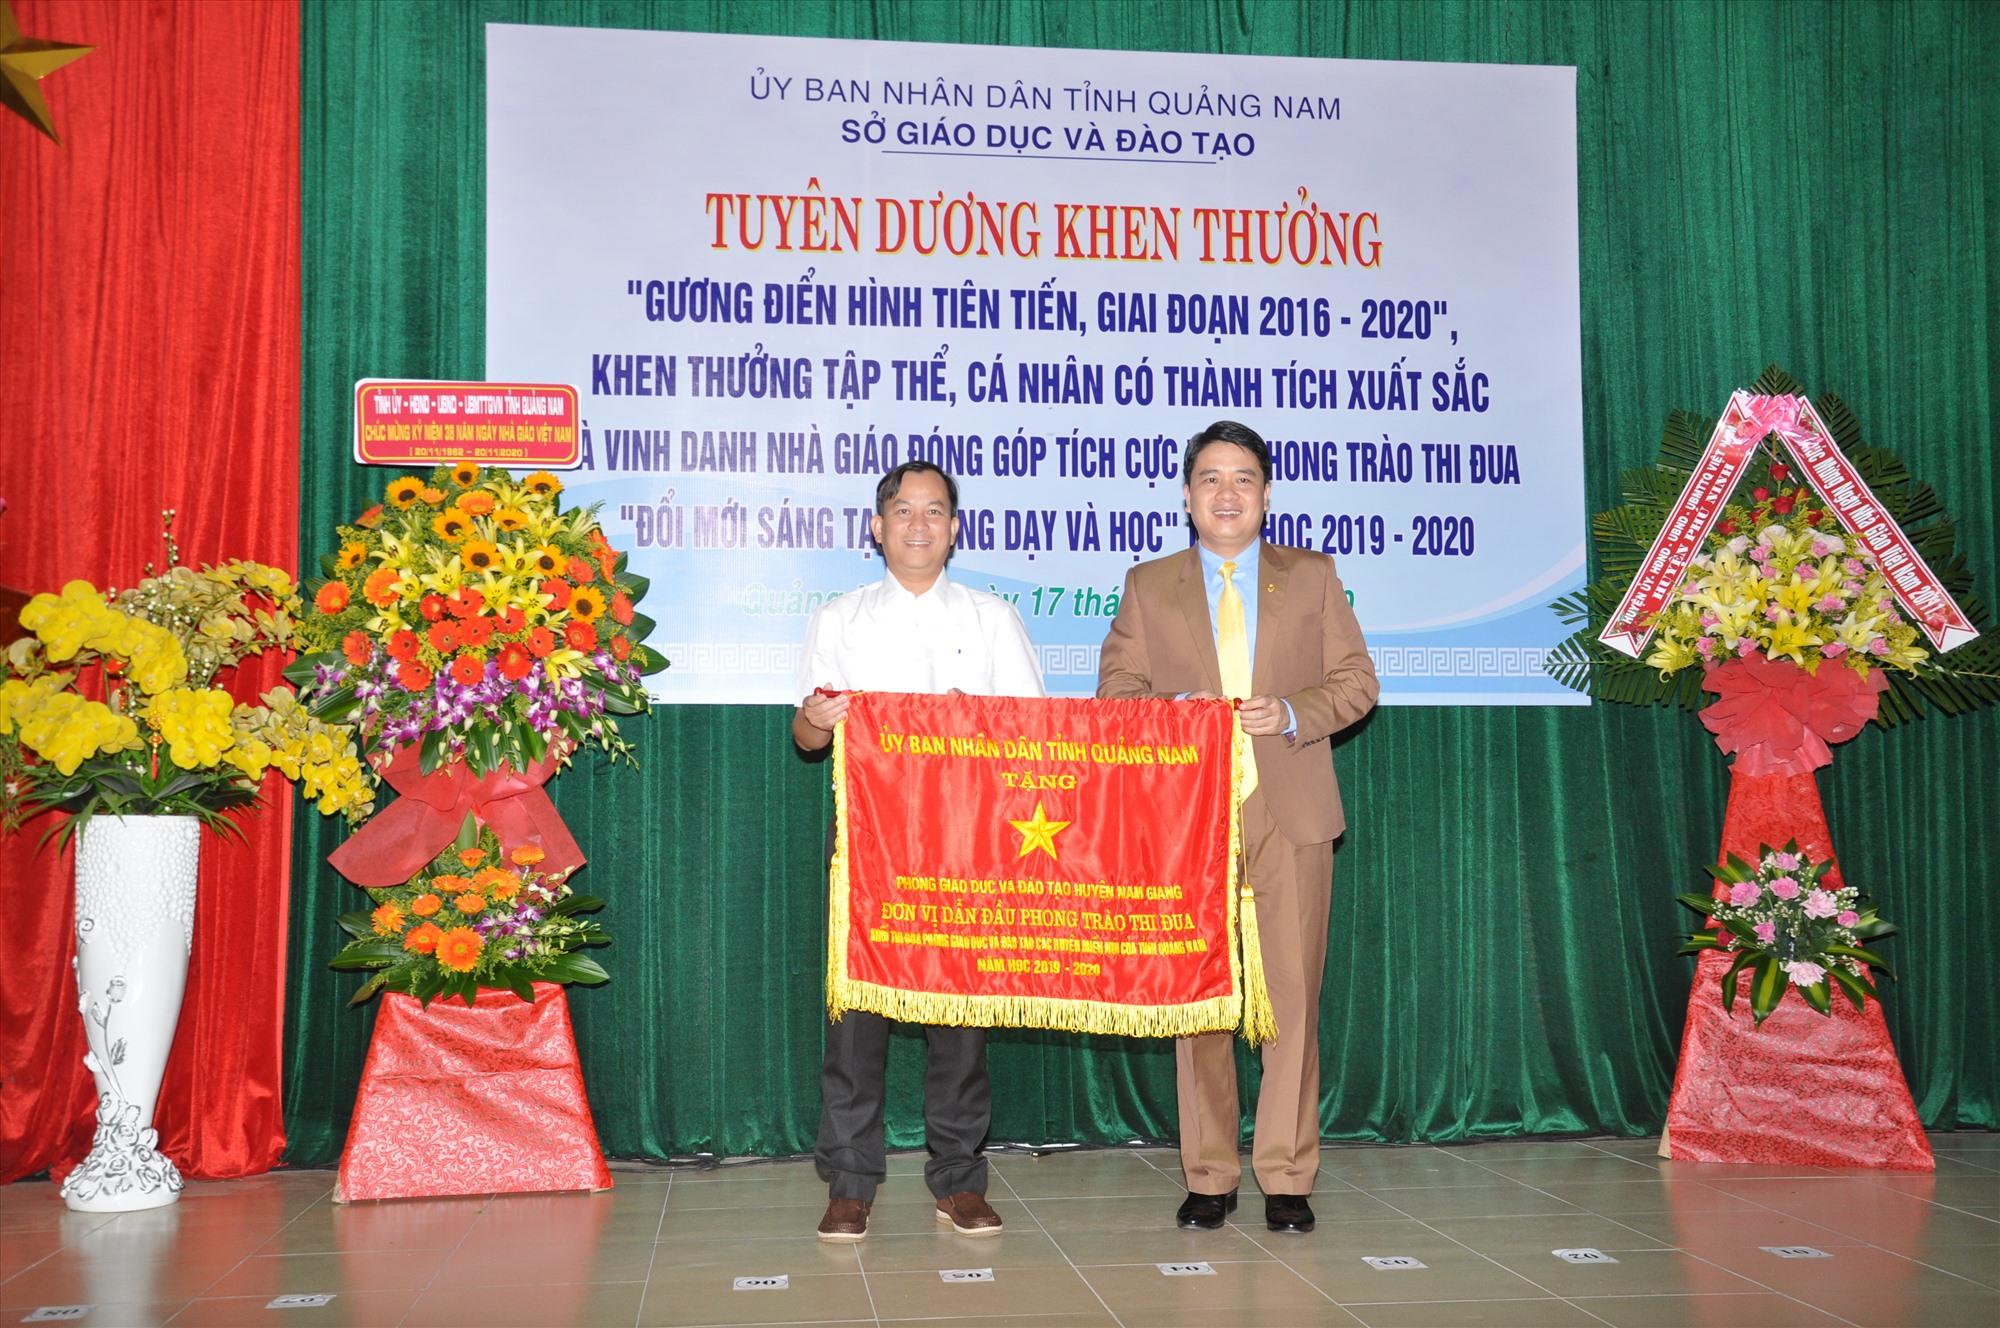 Phó Chủ tịch UBND tỉnh Trần Văn Tân tặng cờ thi đua xuất sắc của UBND tỉnh cho Phòng GD-ĐT Nam Giang. Ảnh: X.P